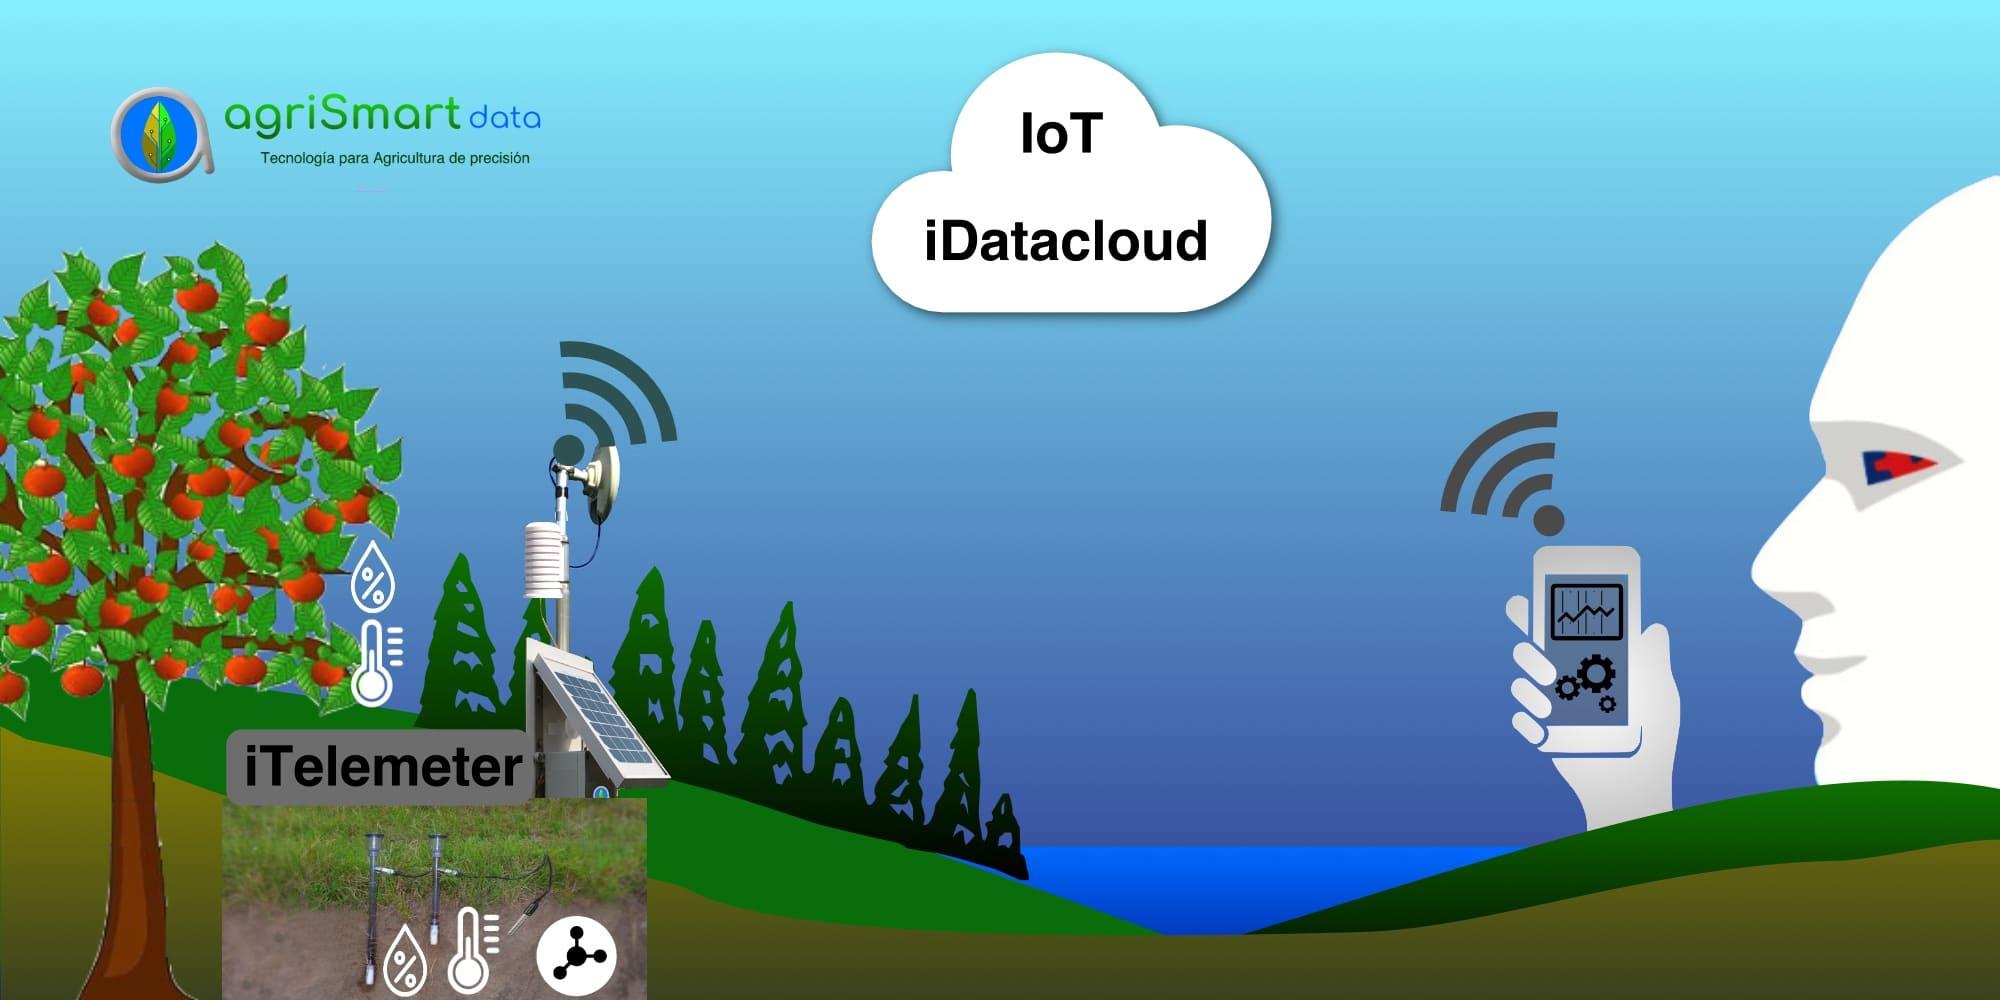 Tecnologia IoT para agricultura de precisión